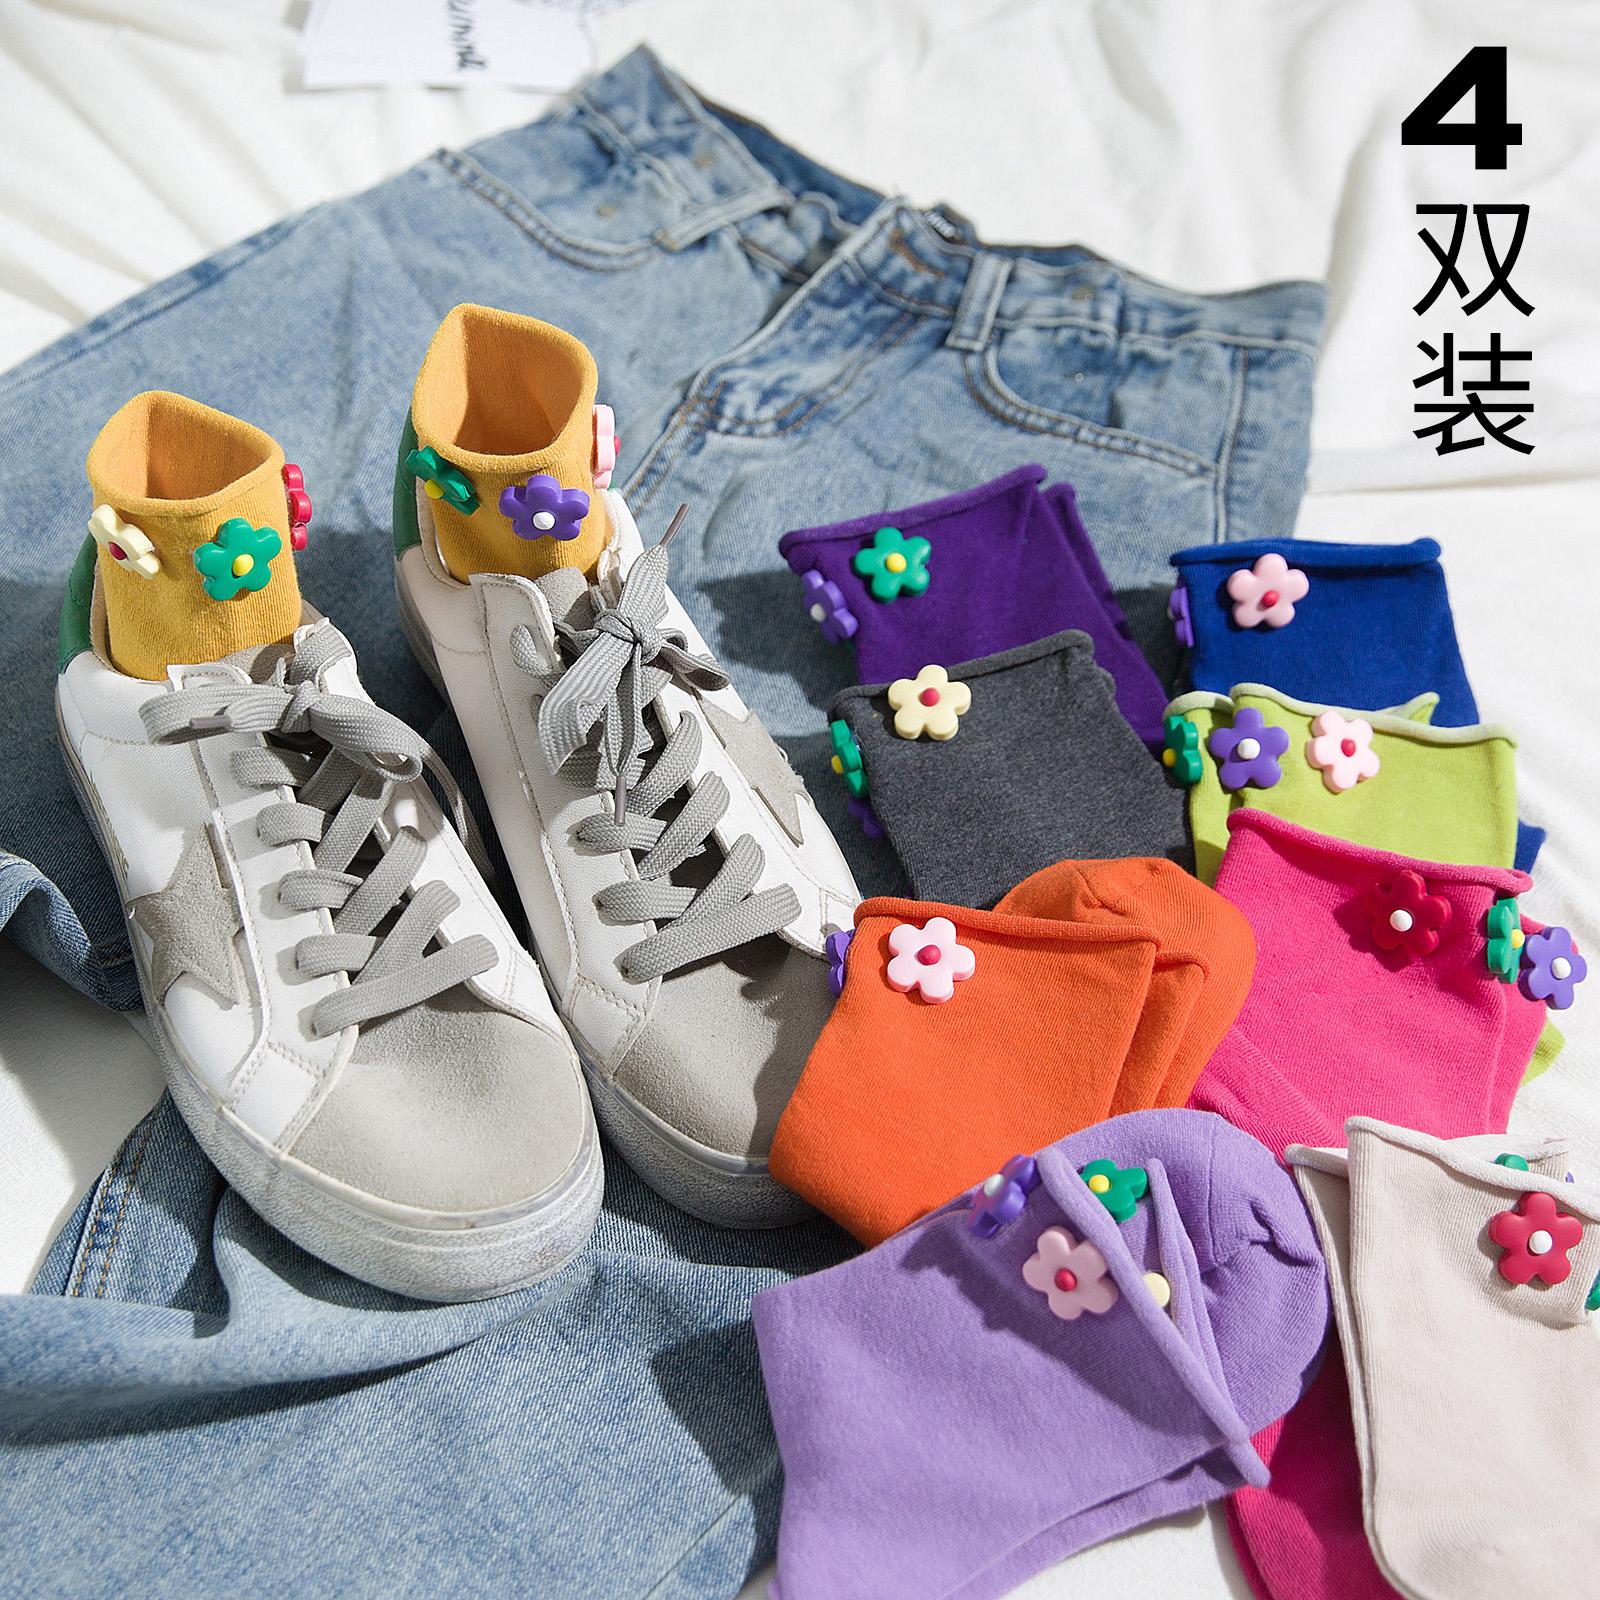 花朵小花袜子泫雅风同款女中筒袜韩国网红短款ins潮彩色夏季彩虹